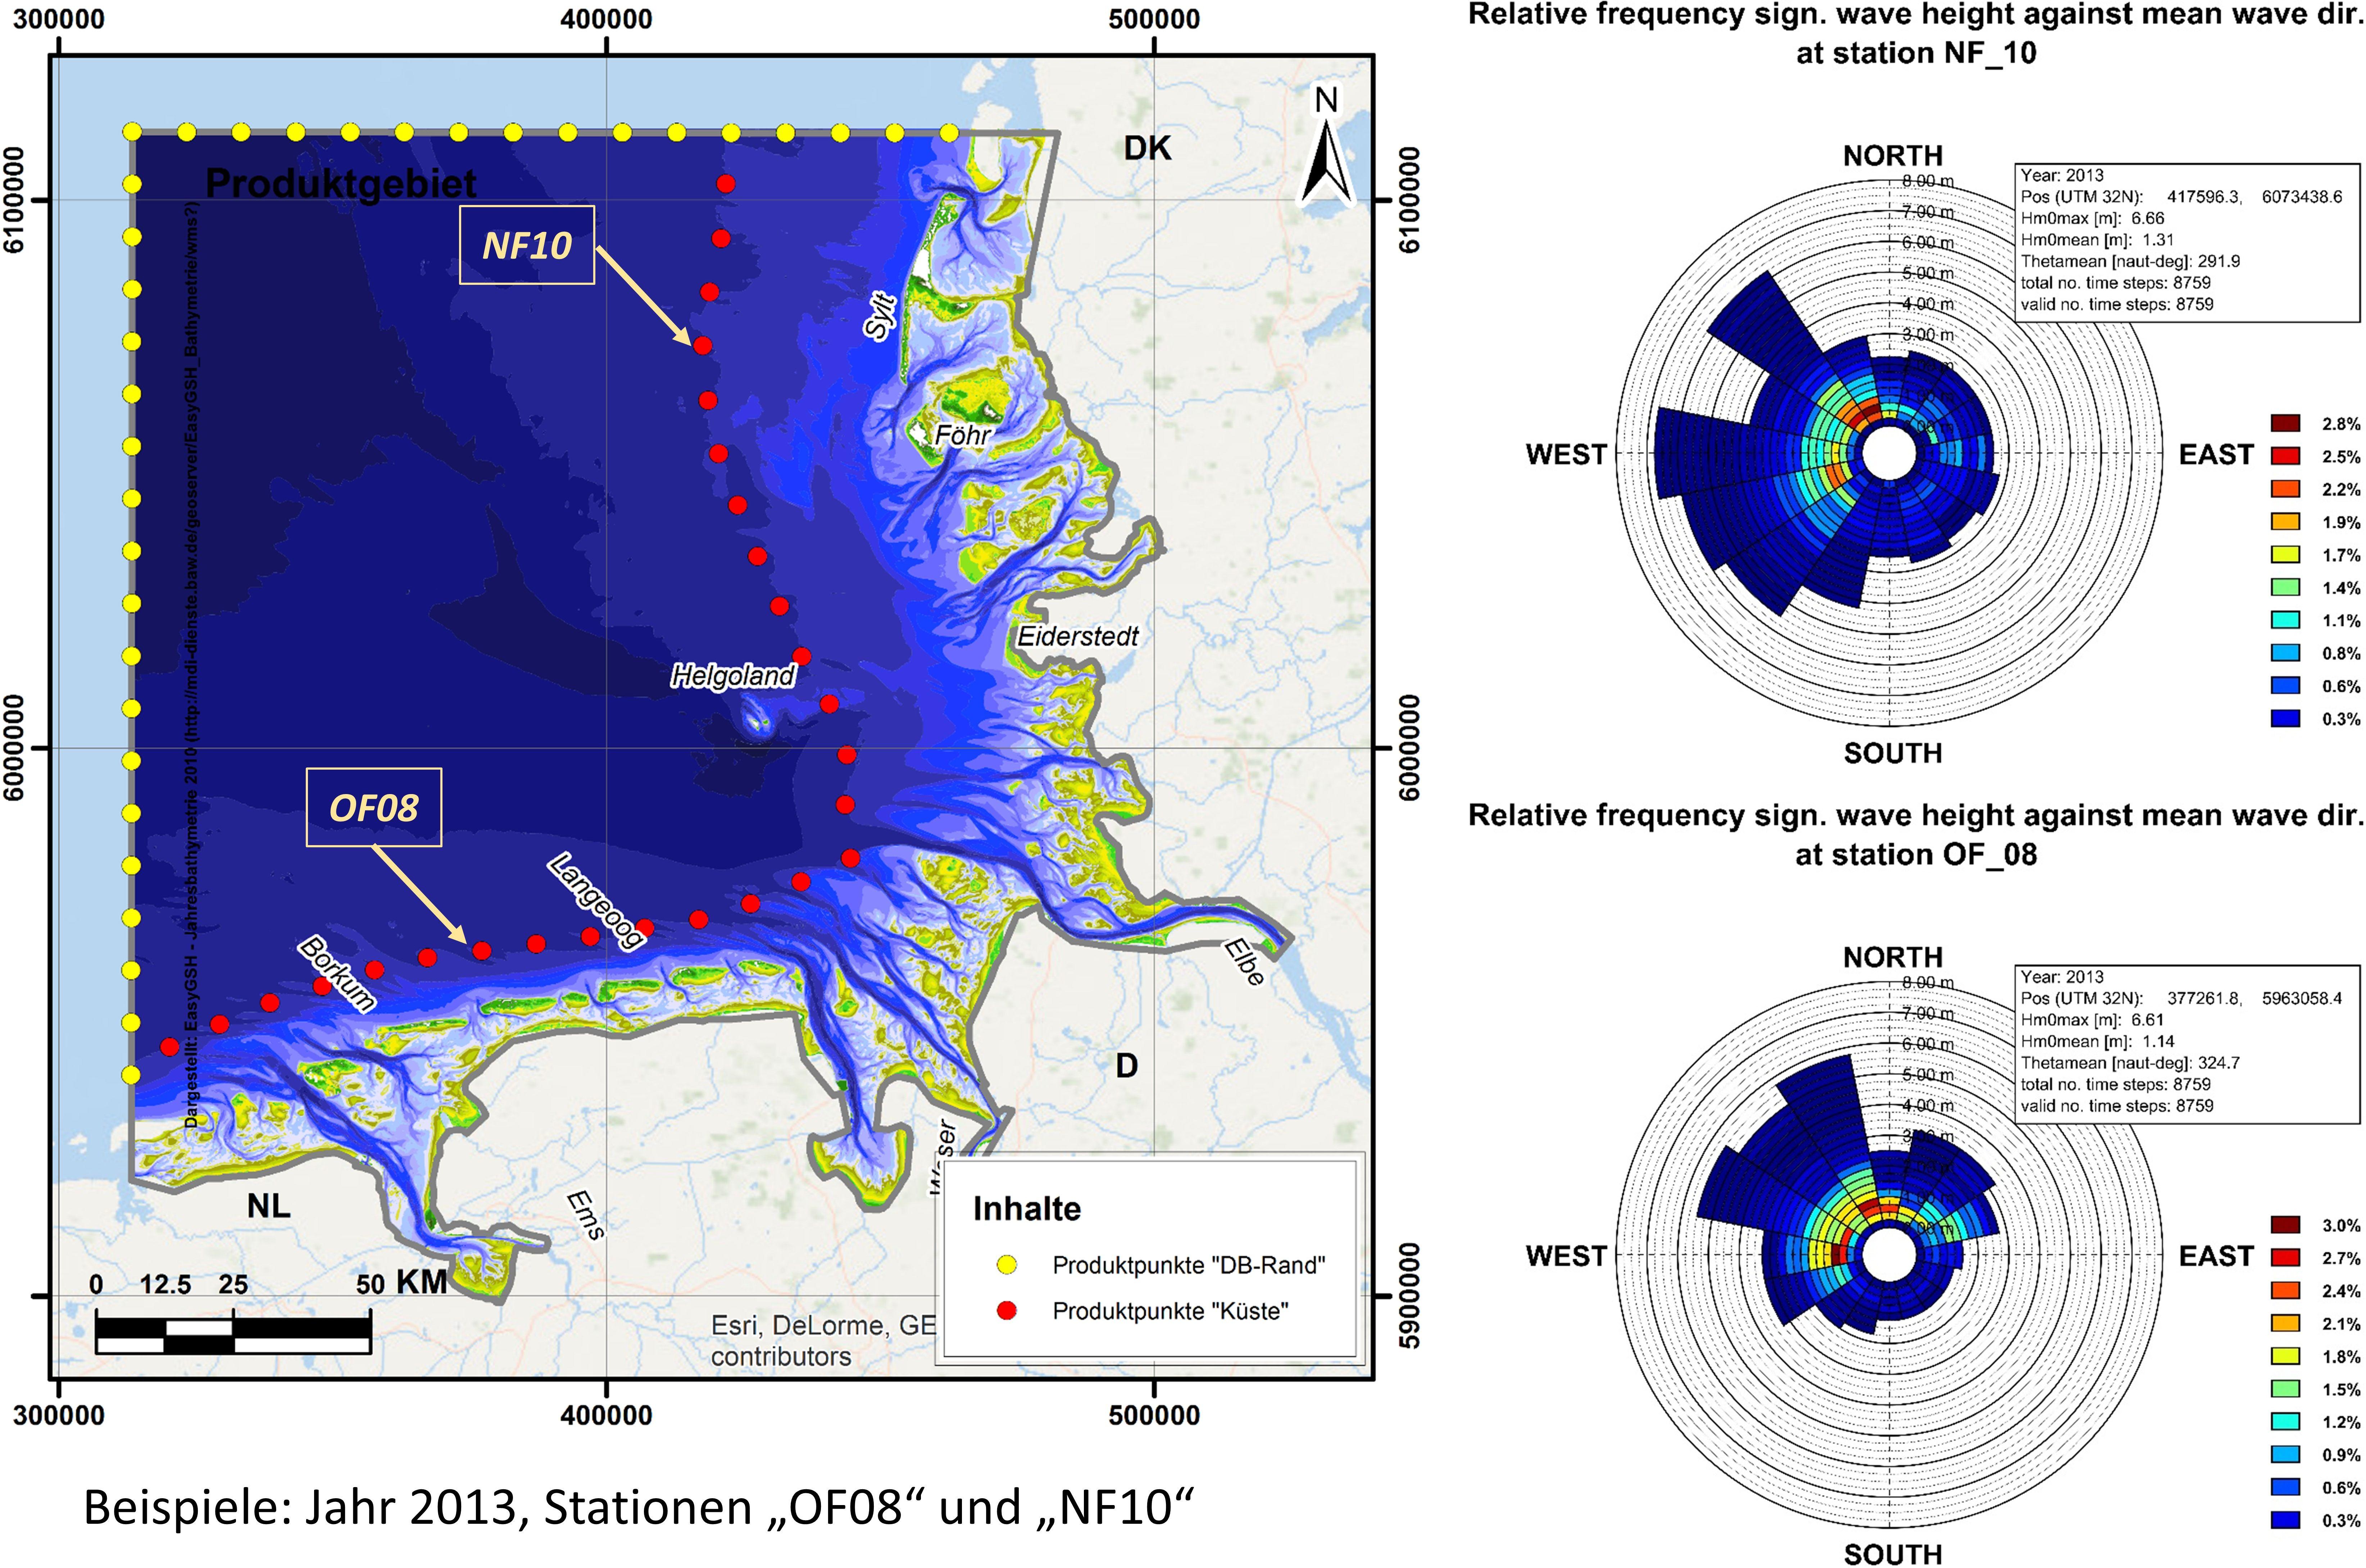 Darstellung der Häufigkeiten der signifikanten Wellenhöhe und mittleren Wellenanlaufrichtung an zwei ausgewählten Lokationen